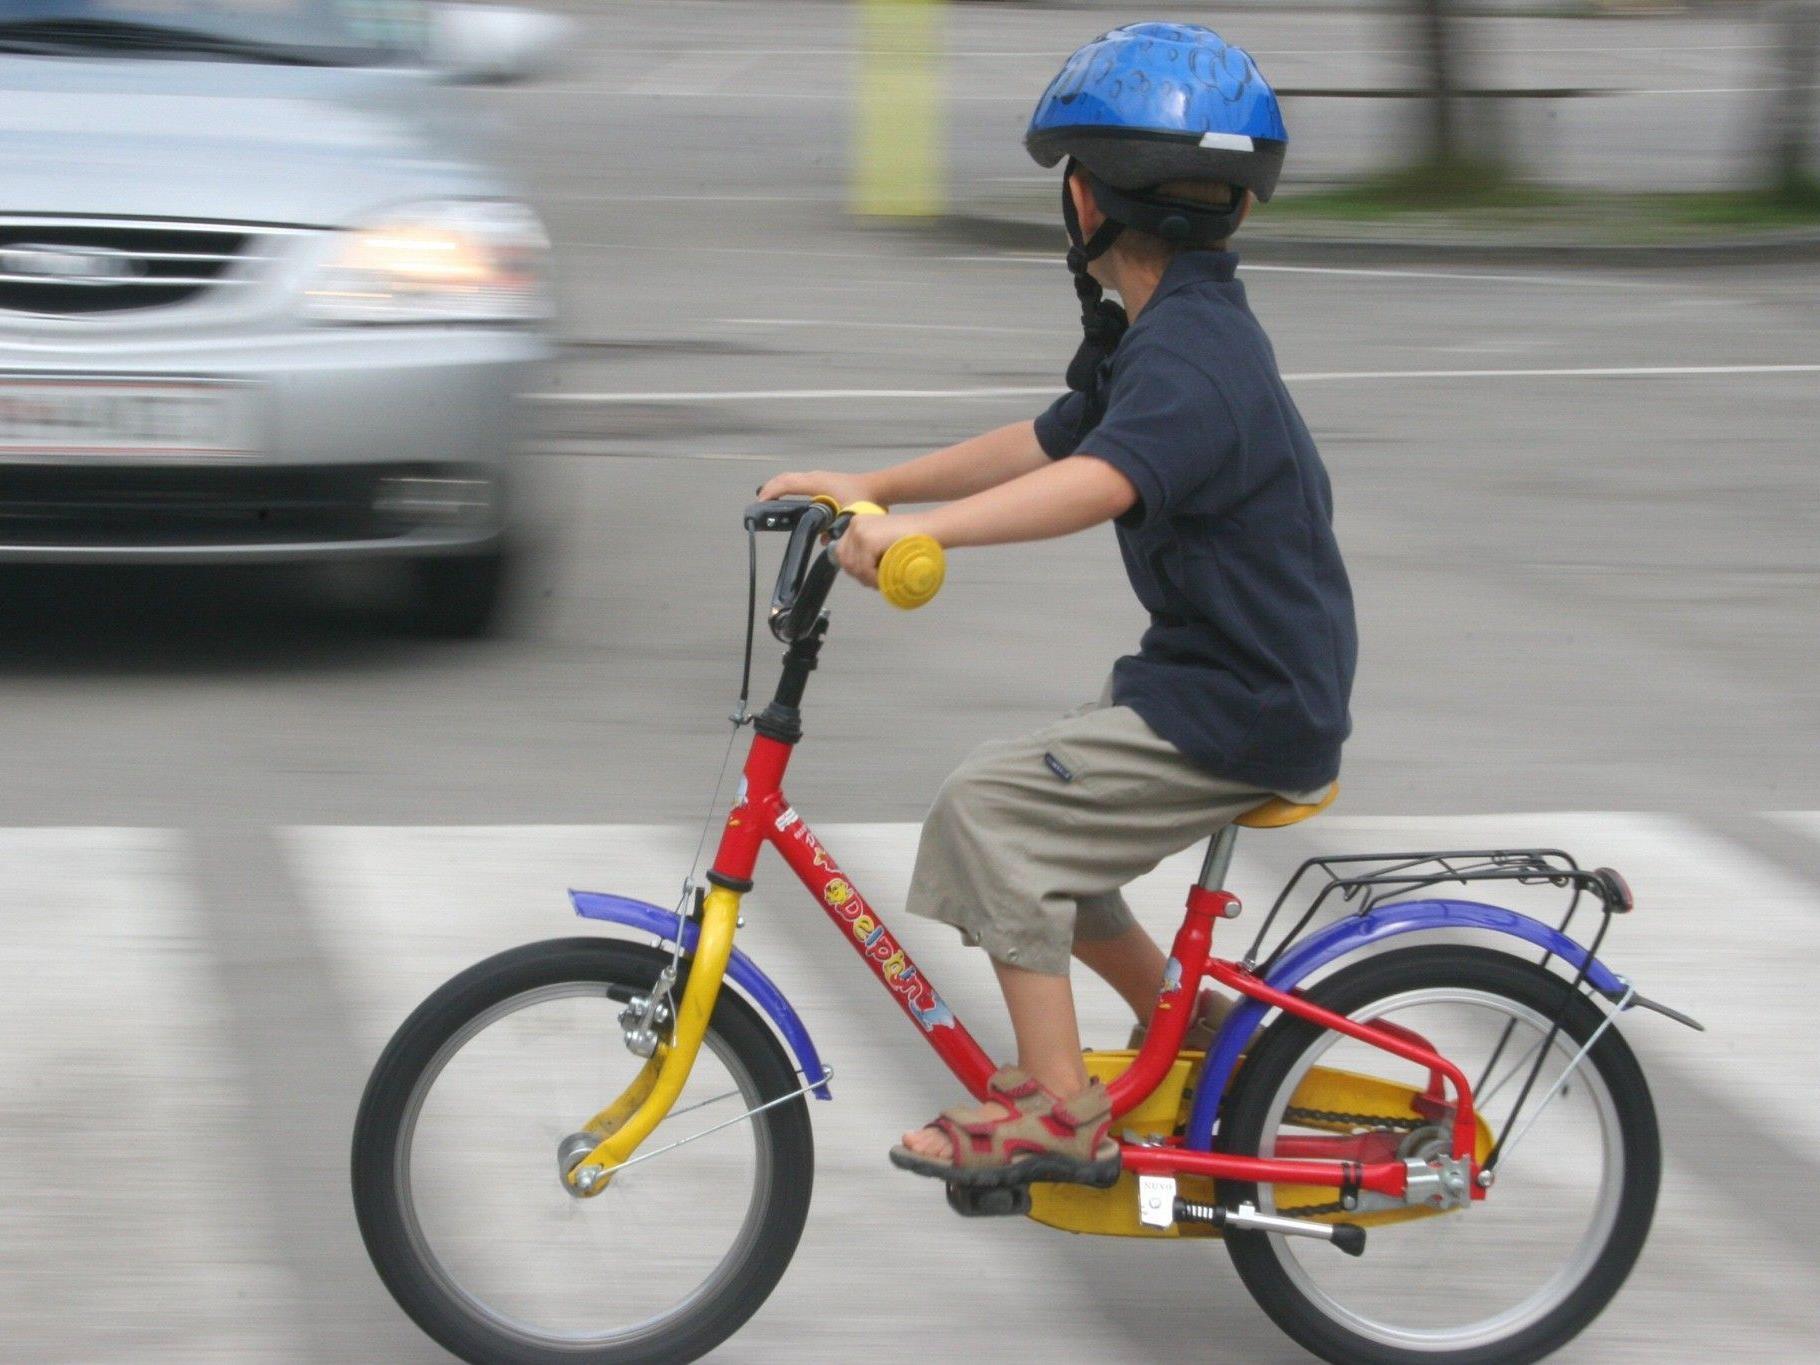 Der 6-Jährige wurde auf die Motorhaube des Autos geschleudert und von dort auf die Straße.